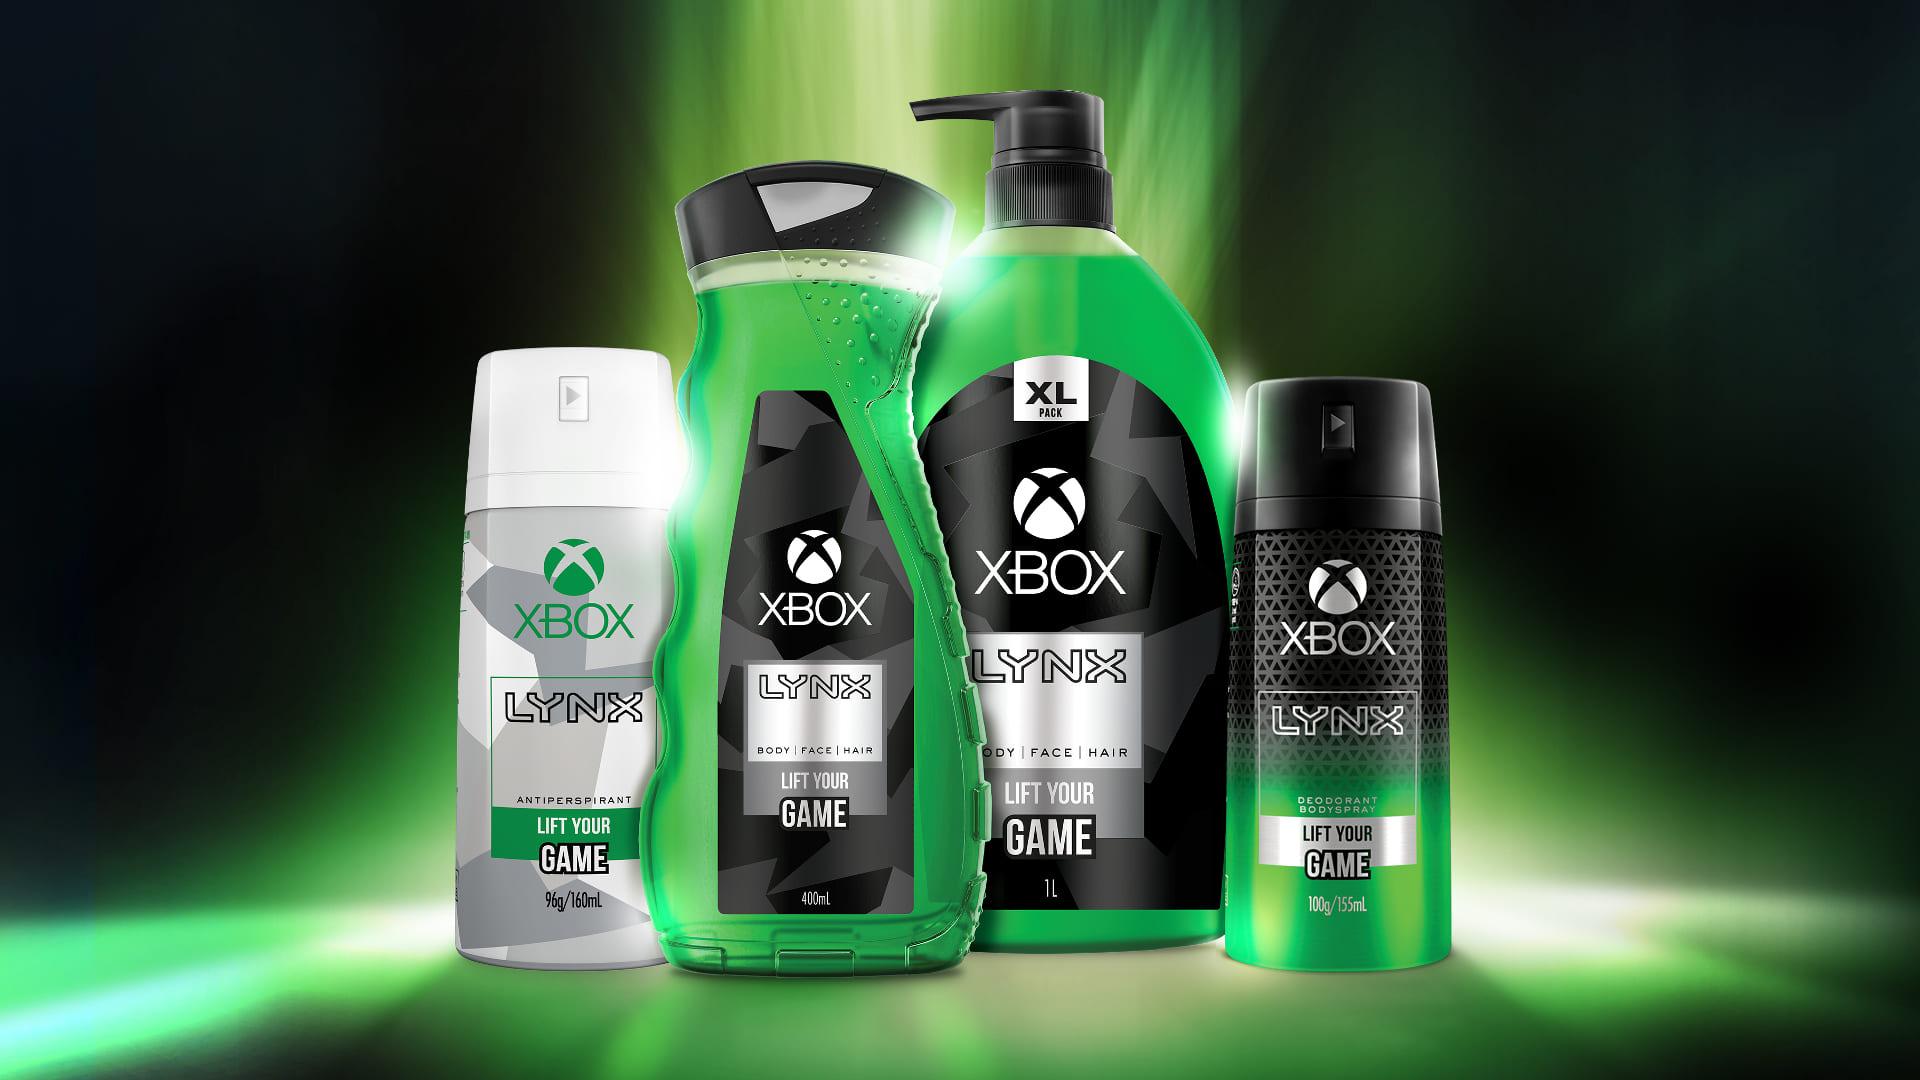 不知為何Xbox推出了身體護膚及除臭噴霧等護理商品!